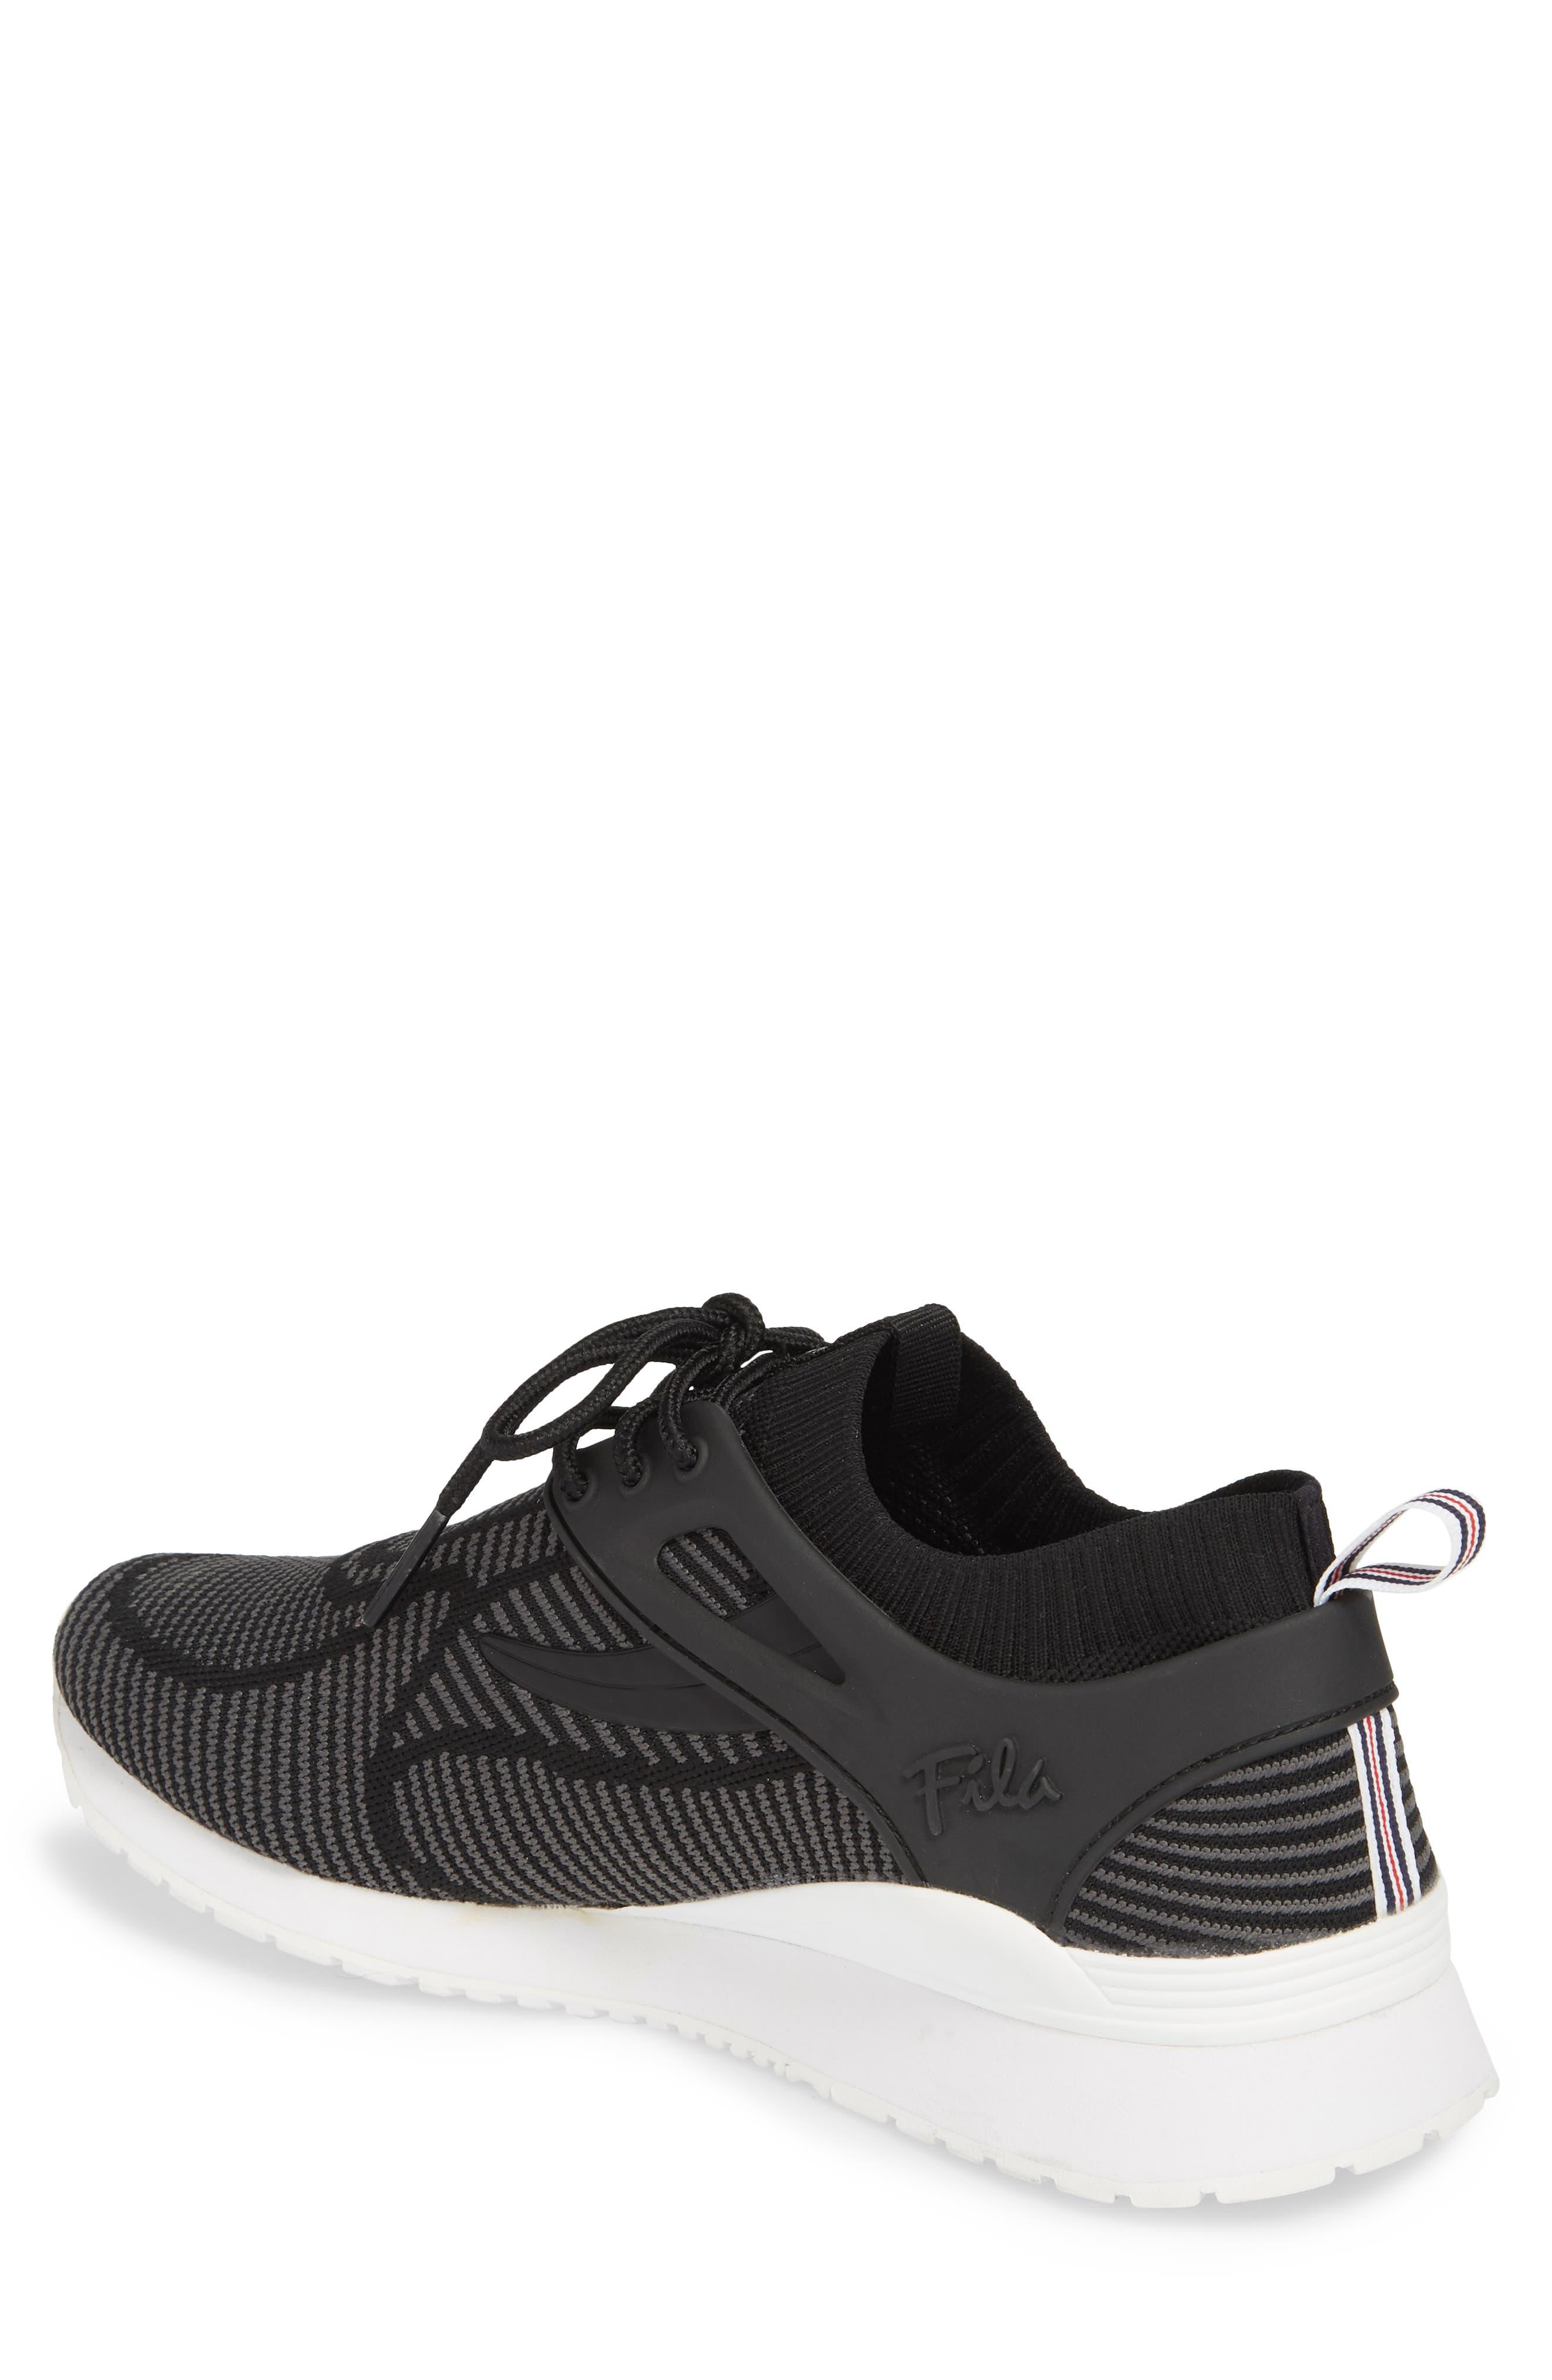 Overpass 2.0 Knit Sneaker,                             Alternate thumbnail 2, color,                             BLACK/ WHITE